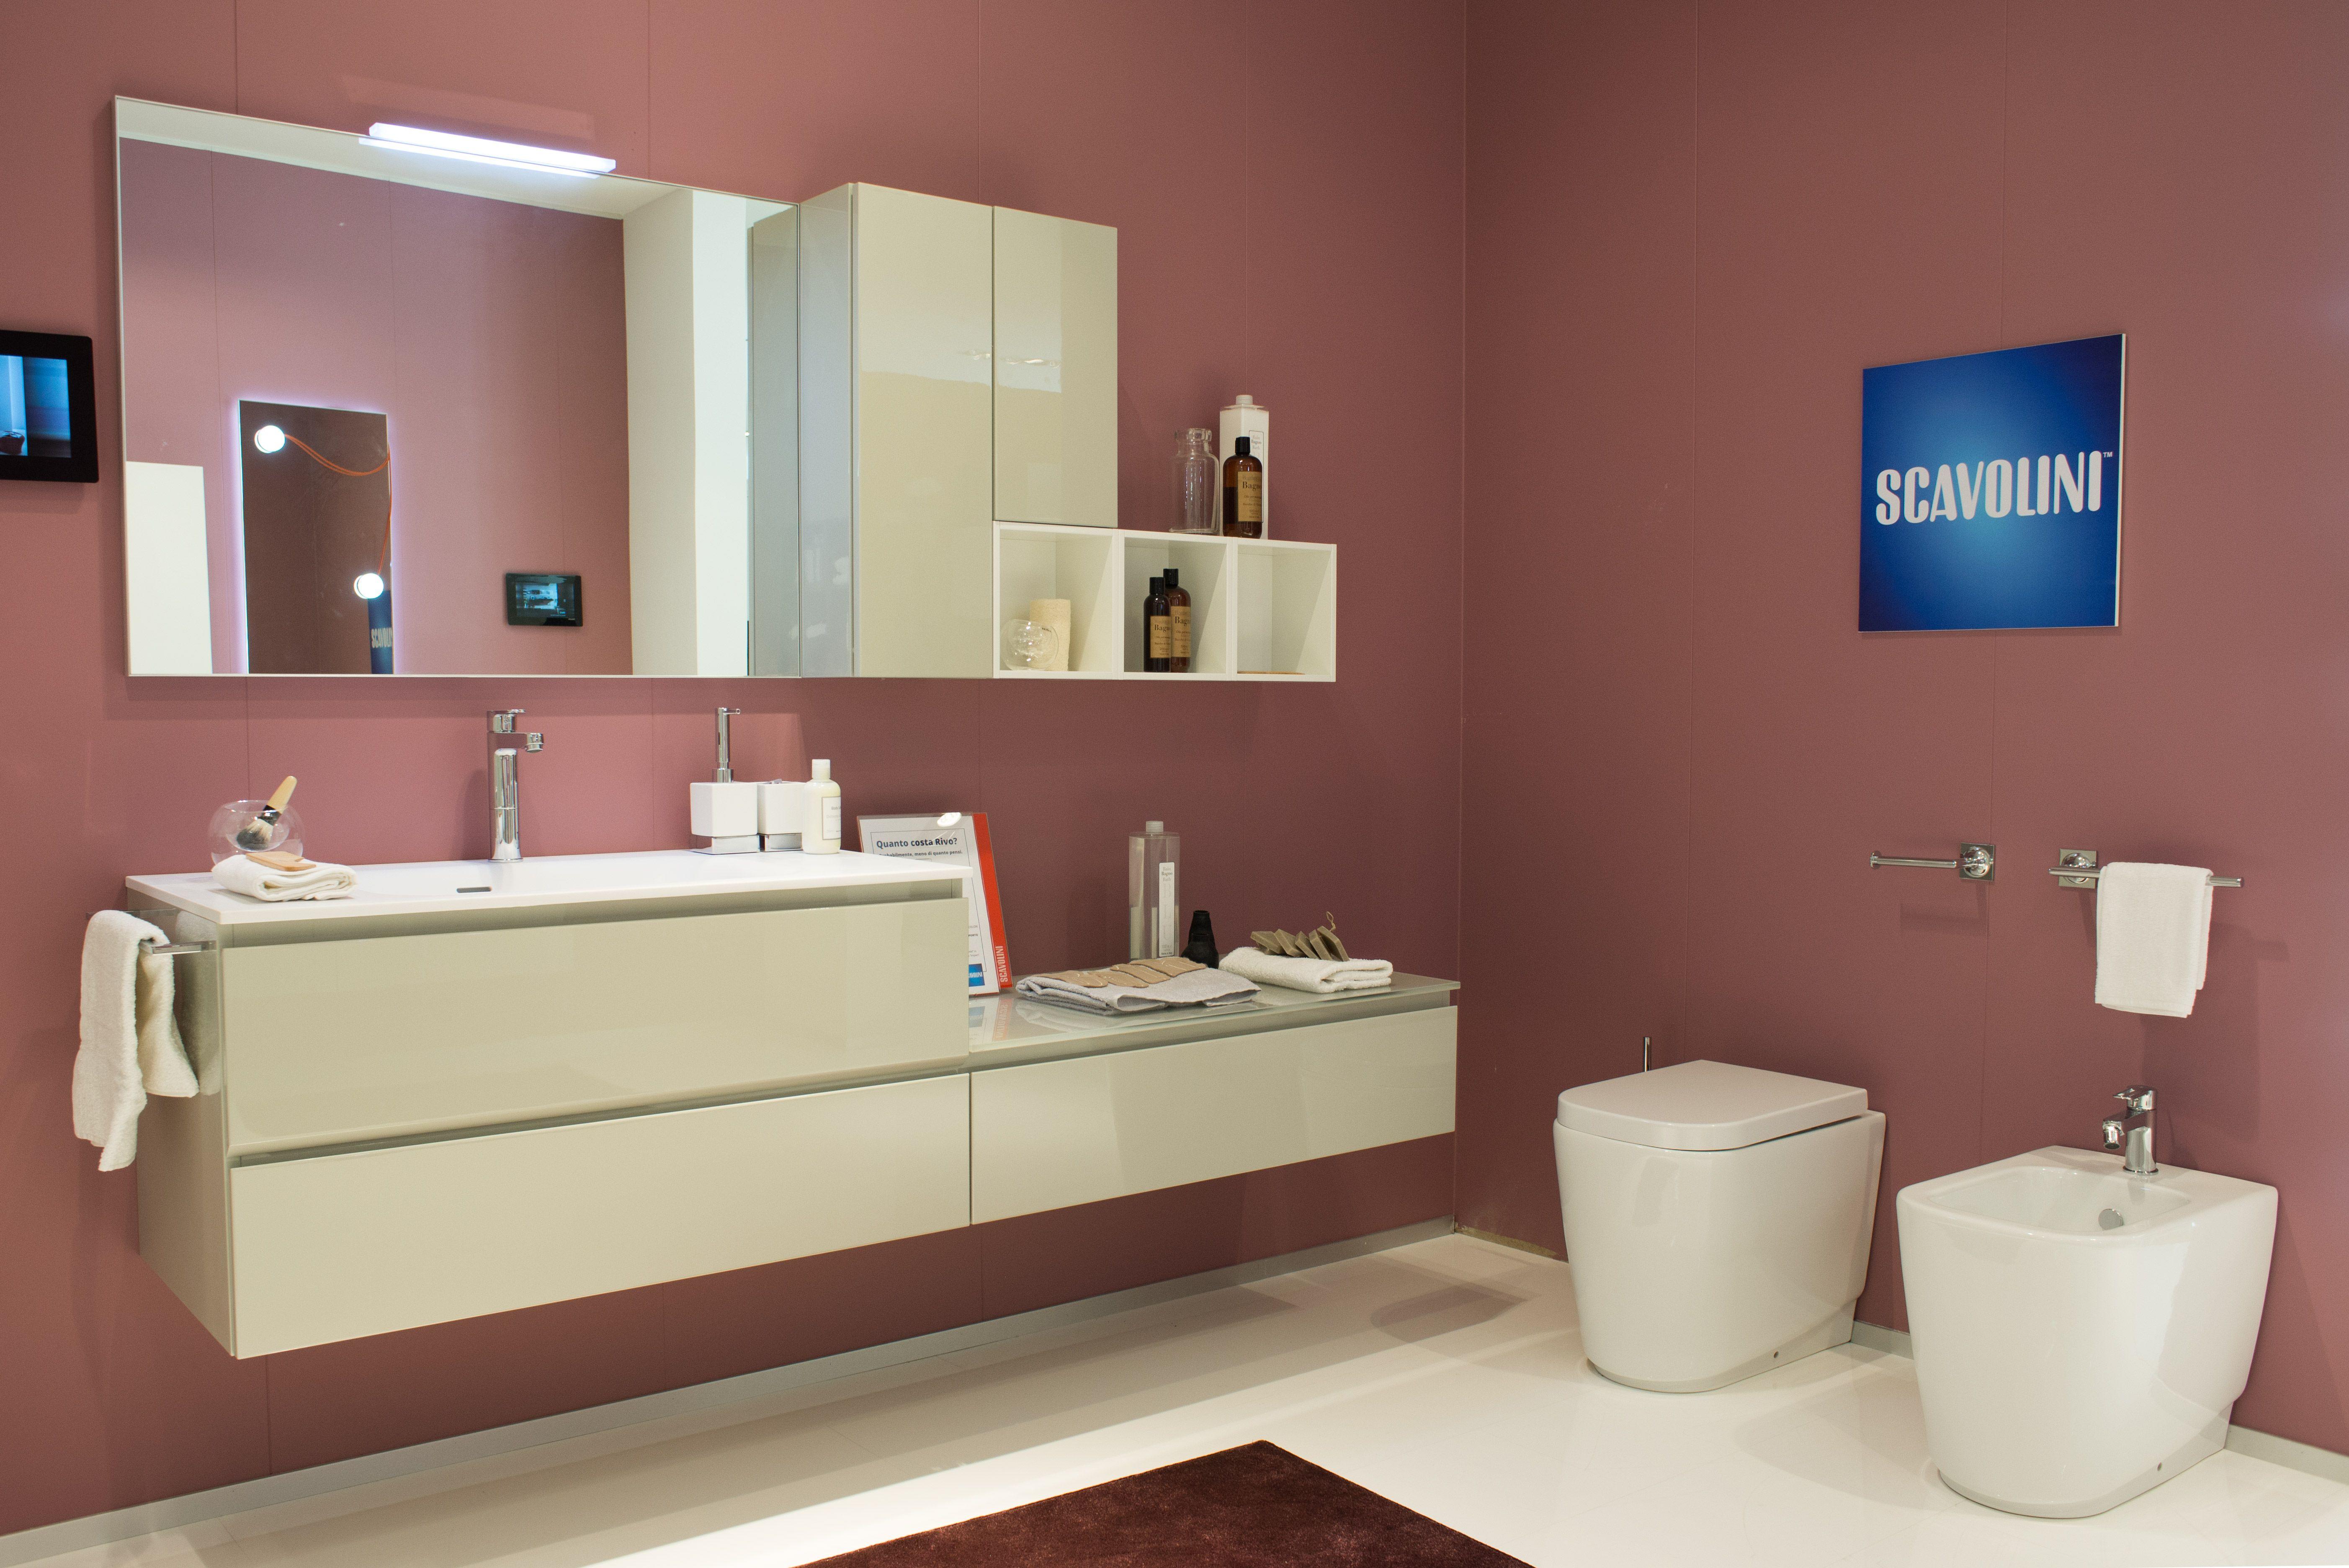 Scavolini bathrooms arredo bagno interior bathroom for Arredo bagno scavolini